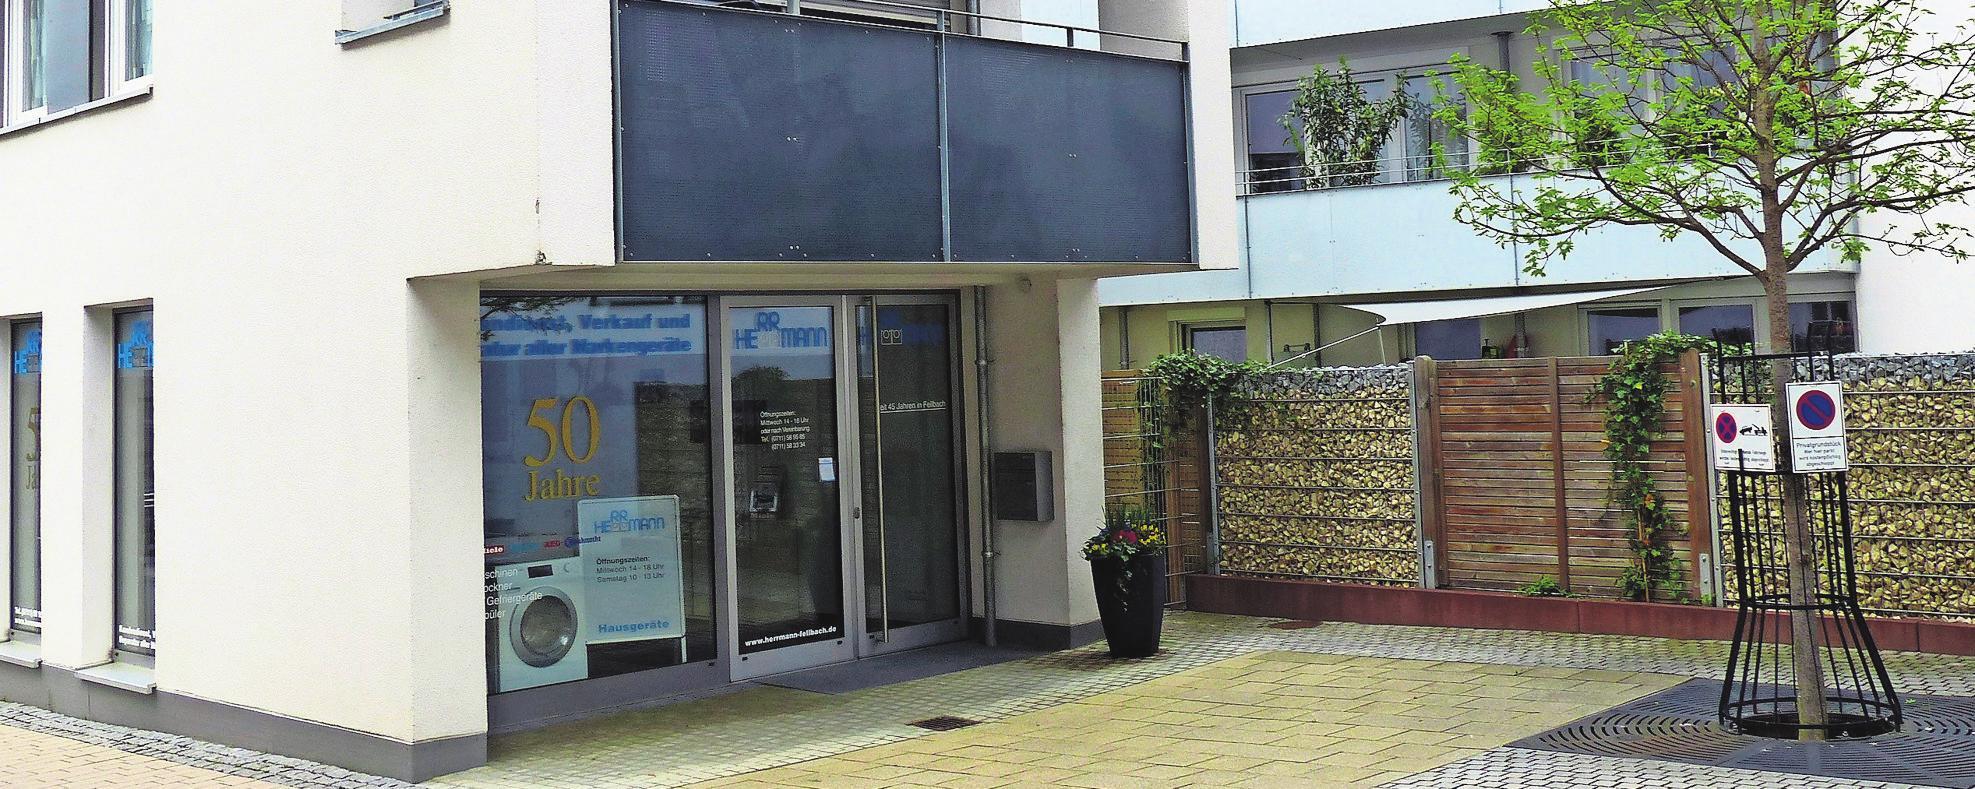 Das barrierefreie Ladenlokal im Rathaus-Carreé ist zentral gelegen und verfügt über eigene Parkplätze.      Fotos: kae (2)